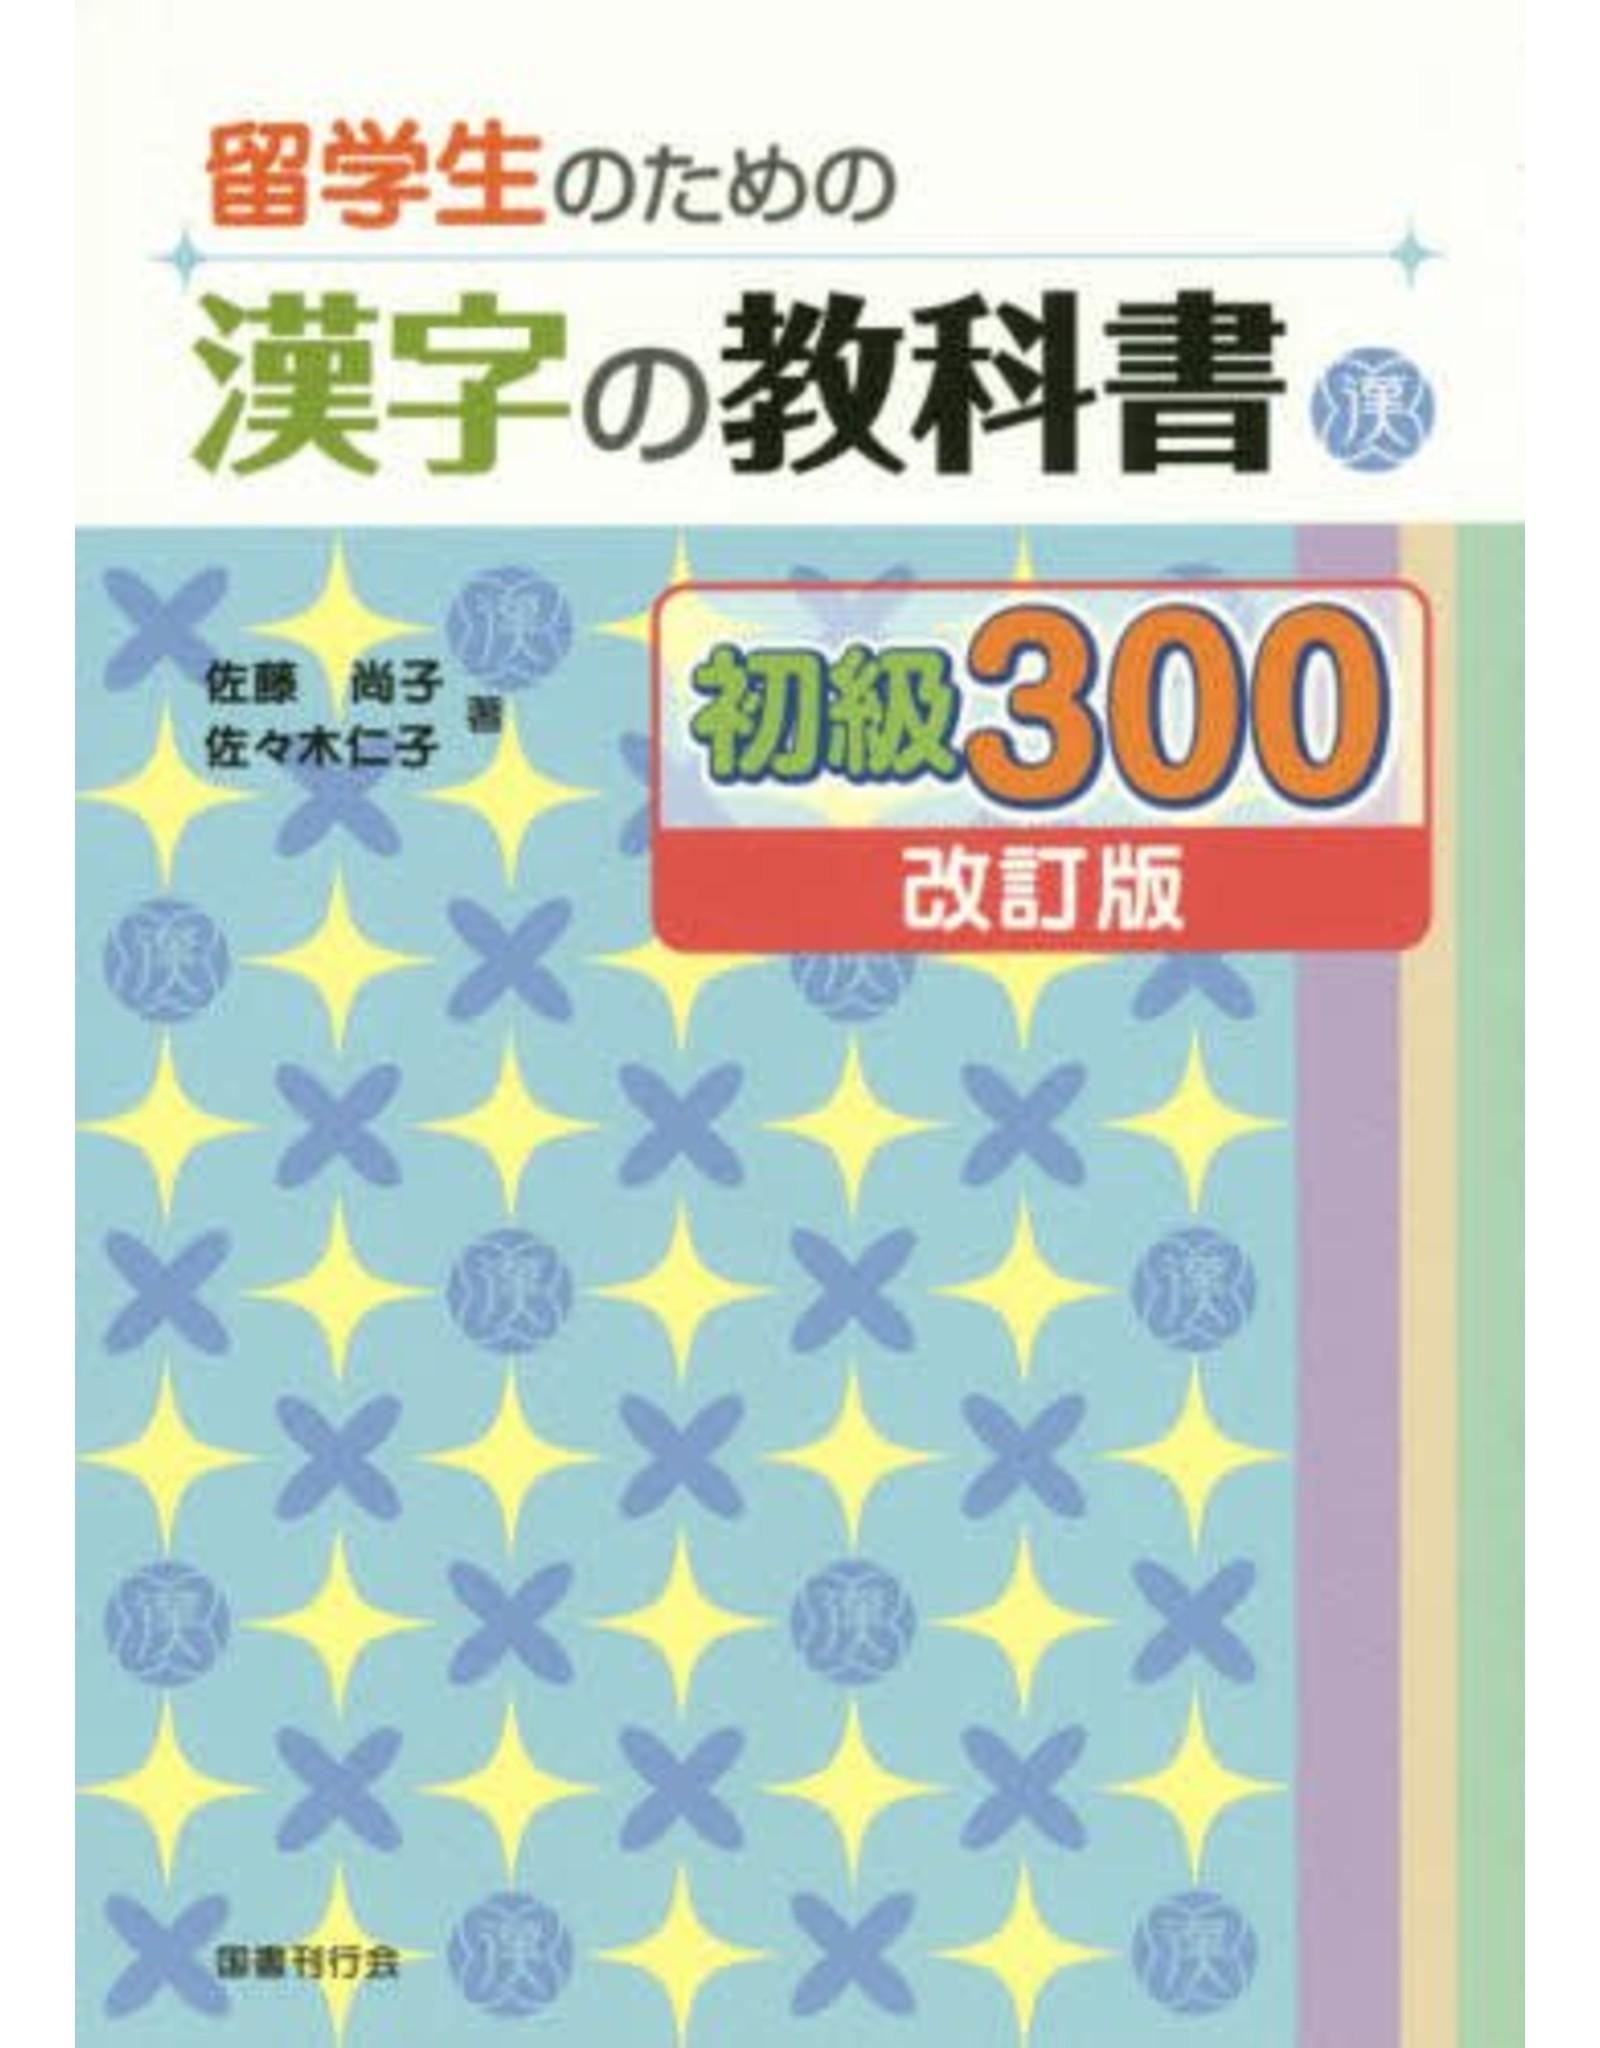 KOKUSHO KANKOKAI RYUGAKUSEI NO TAME NO KANJI NO KYOKASHO SHOKYU 300 REVISED ED.